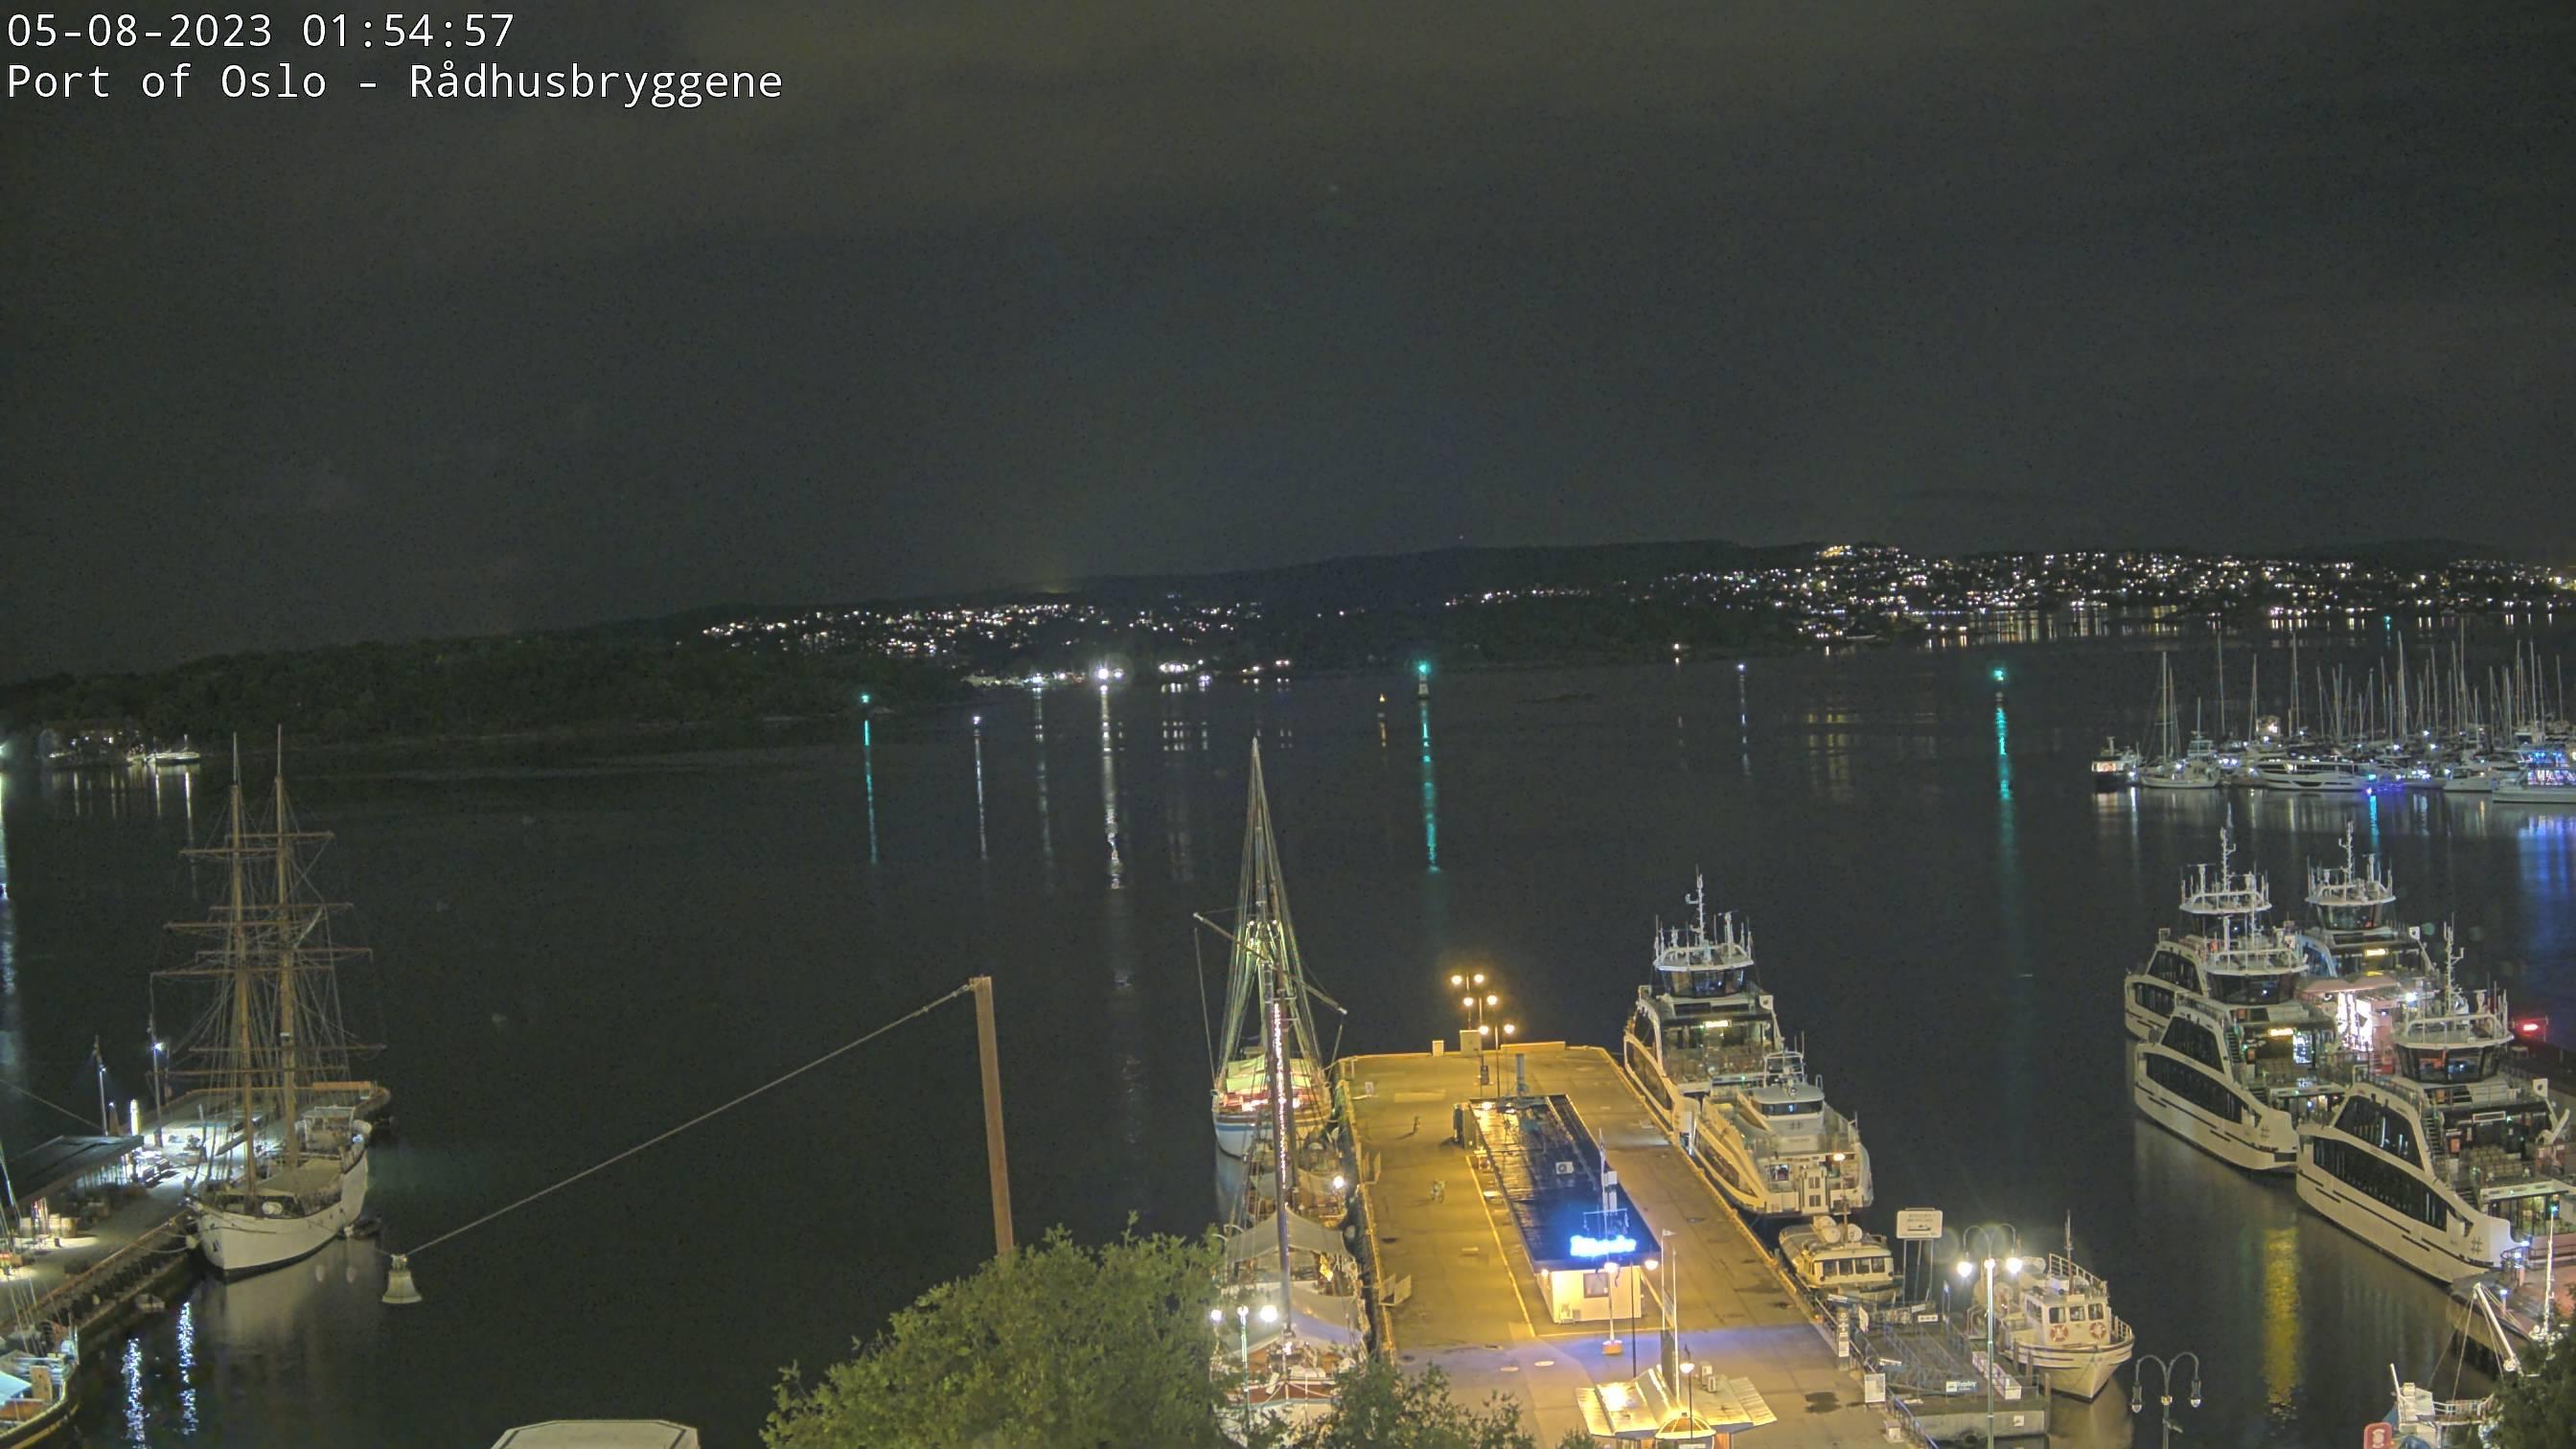 Oslo - port; Rådhuskaia